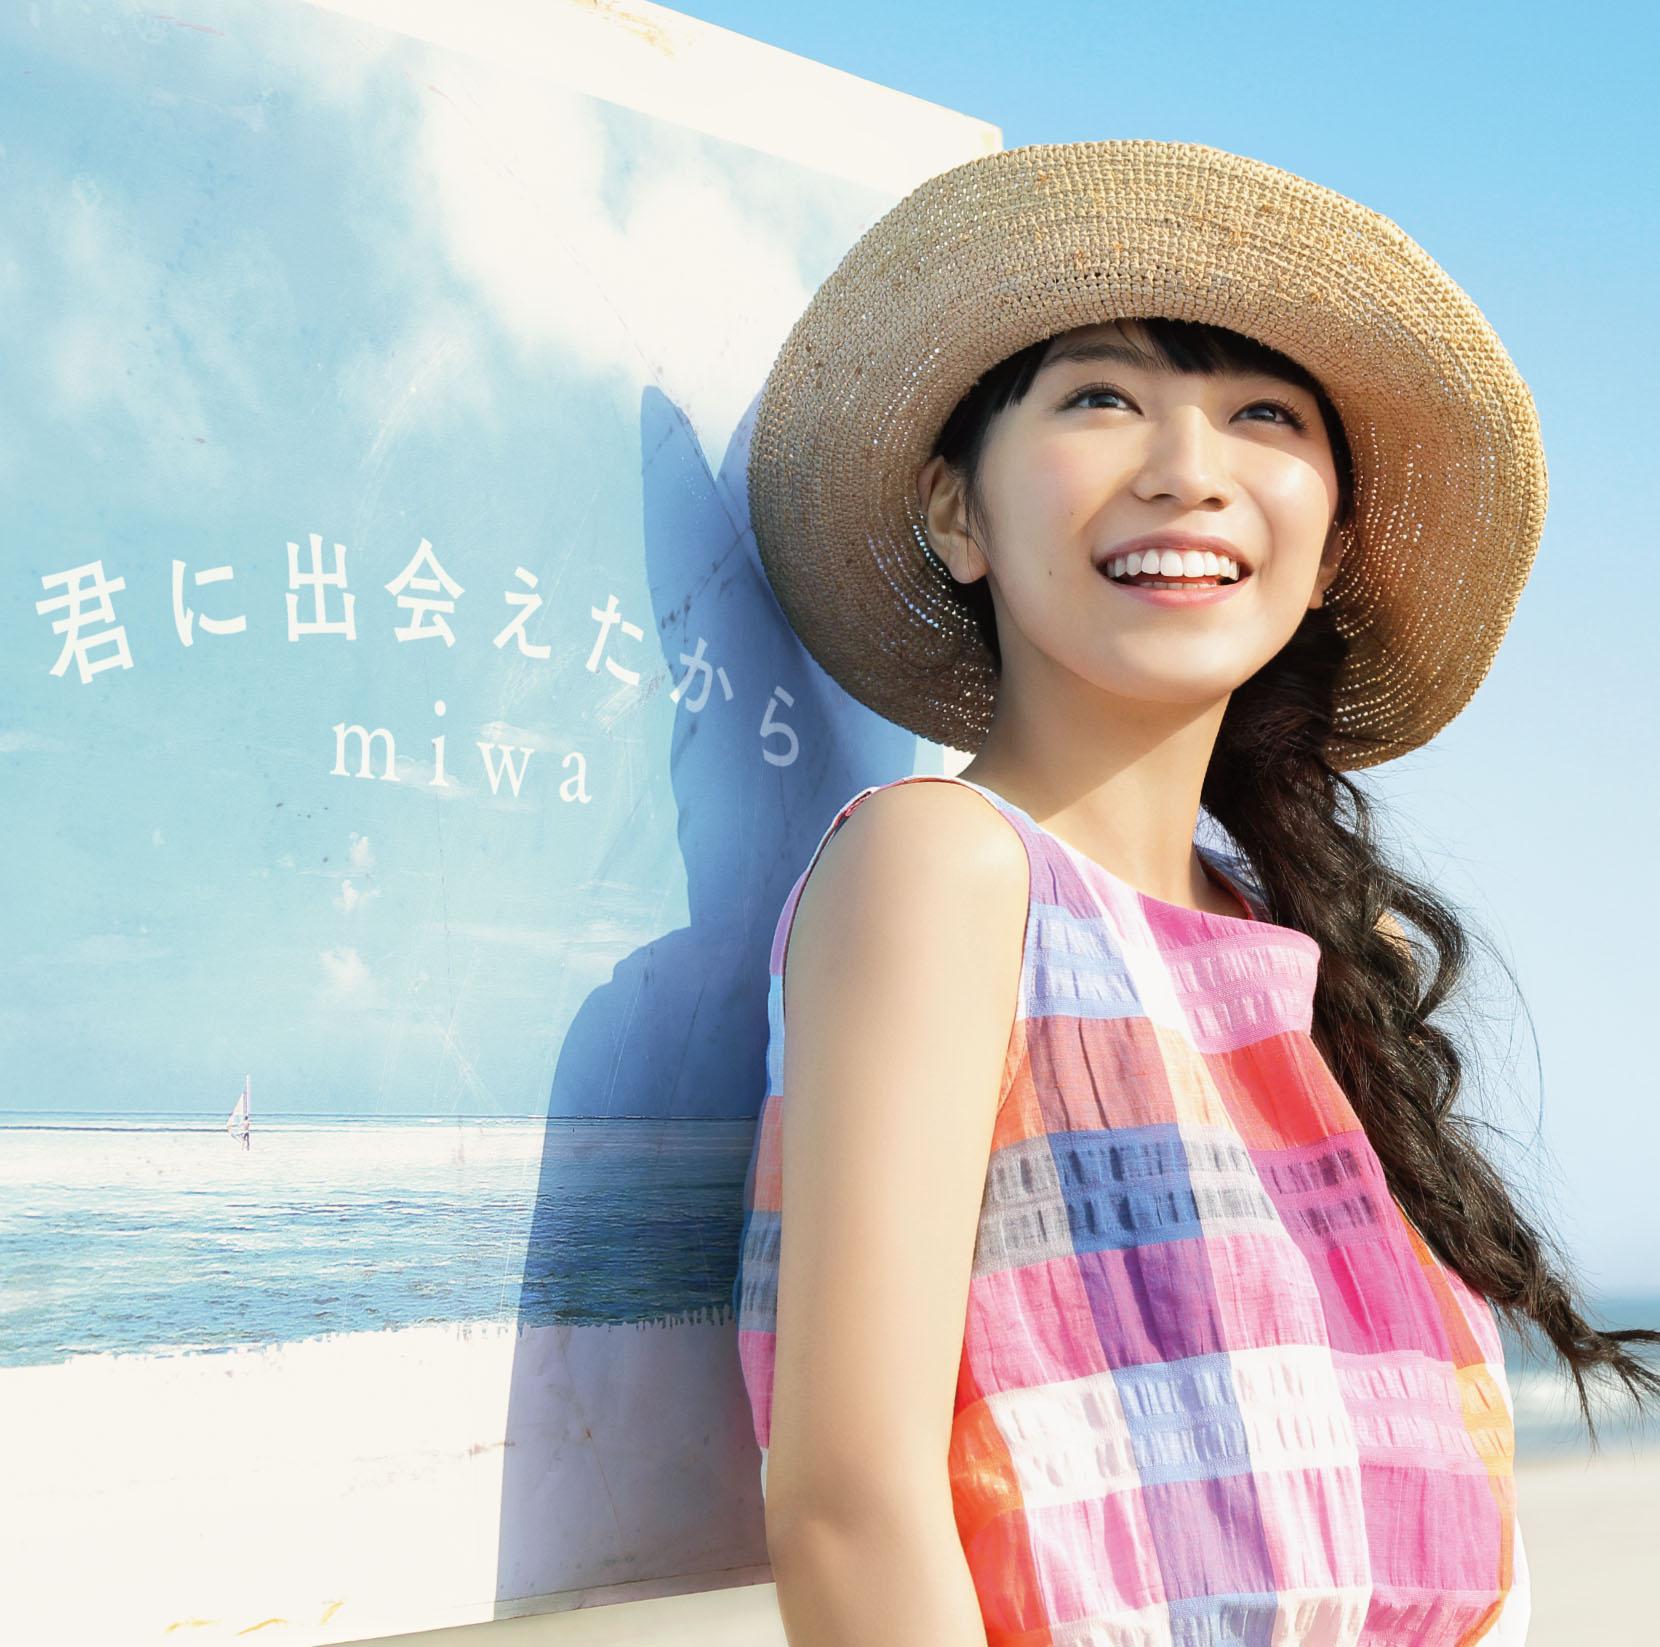 miwa、夏のビーチフェスに出演!?『君に出会えたから』ミュージックビデオ公開!サムネイル画像